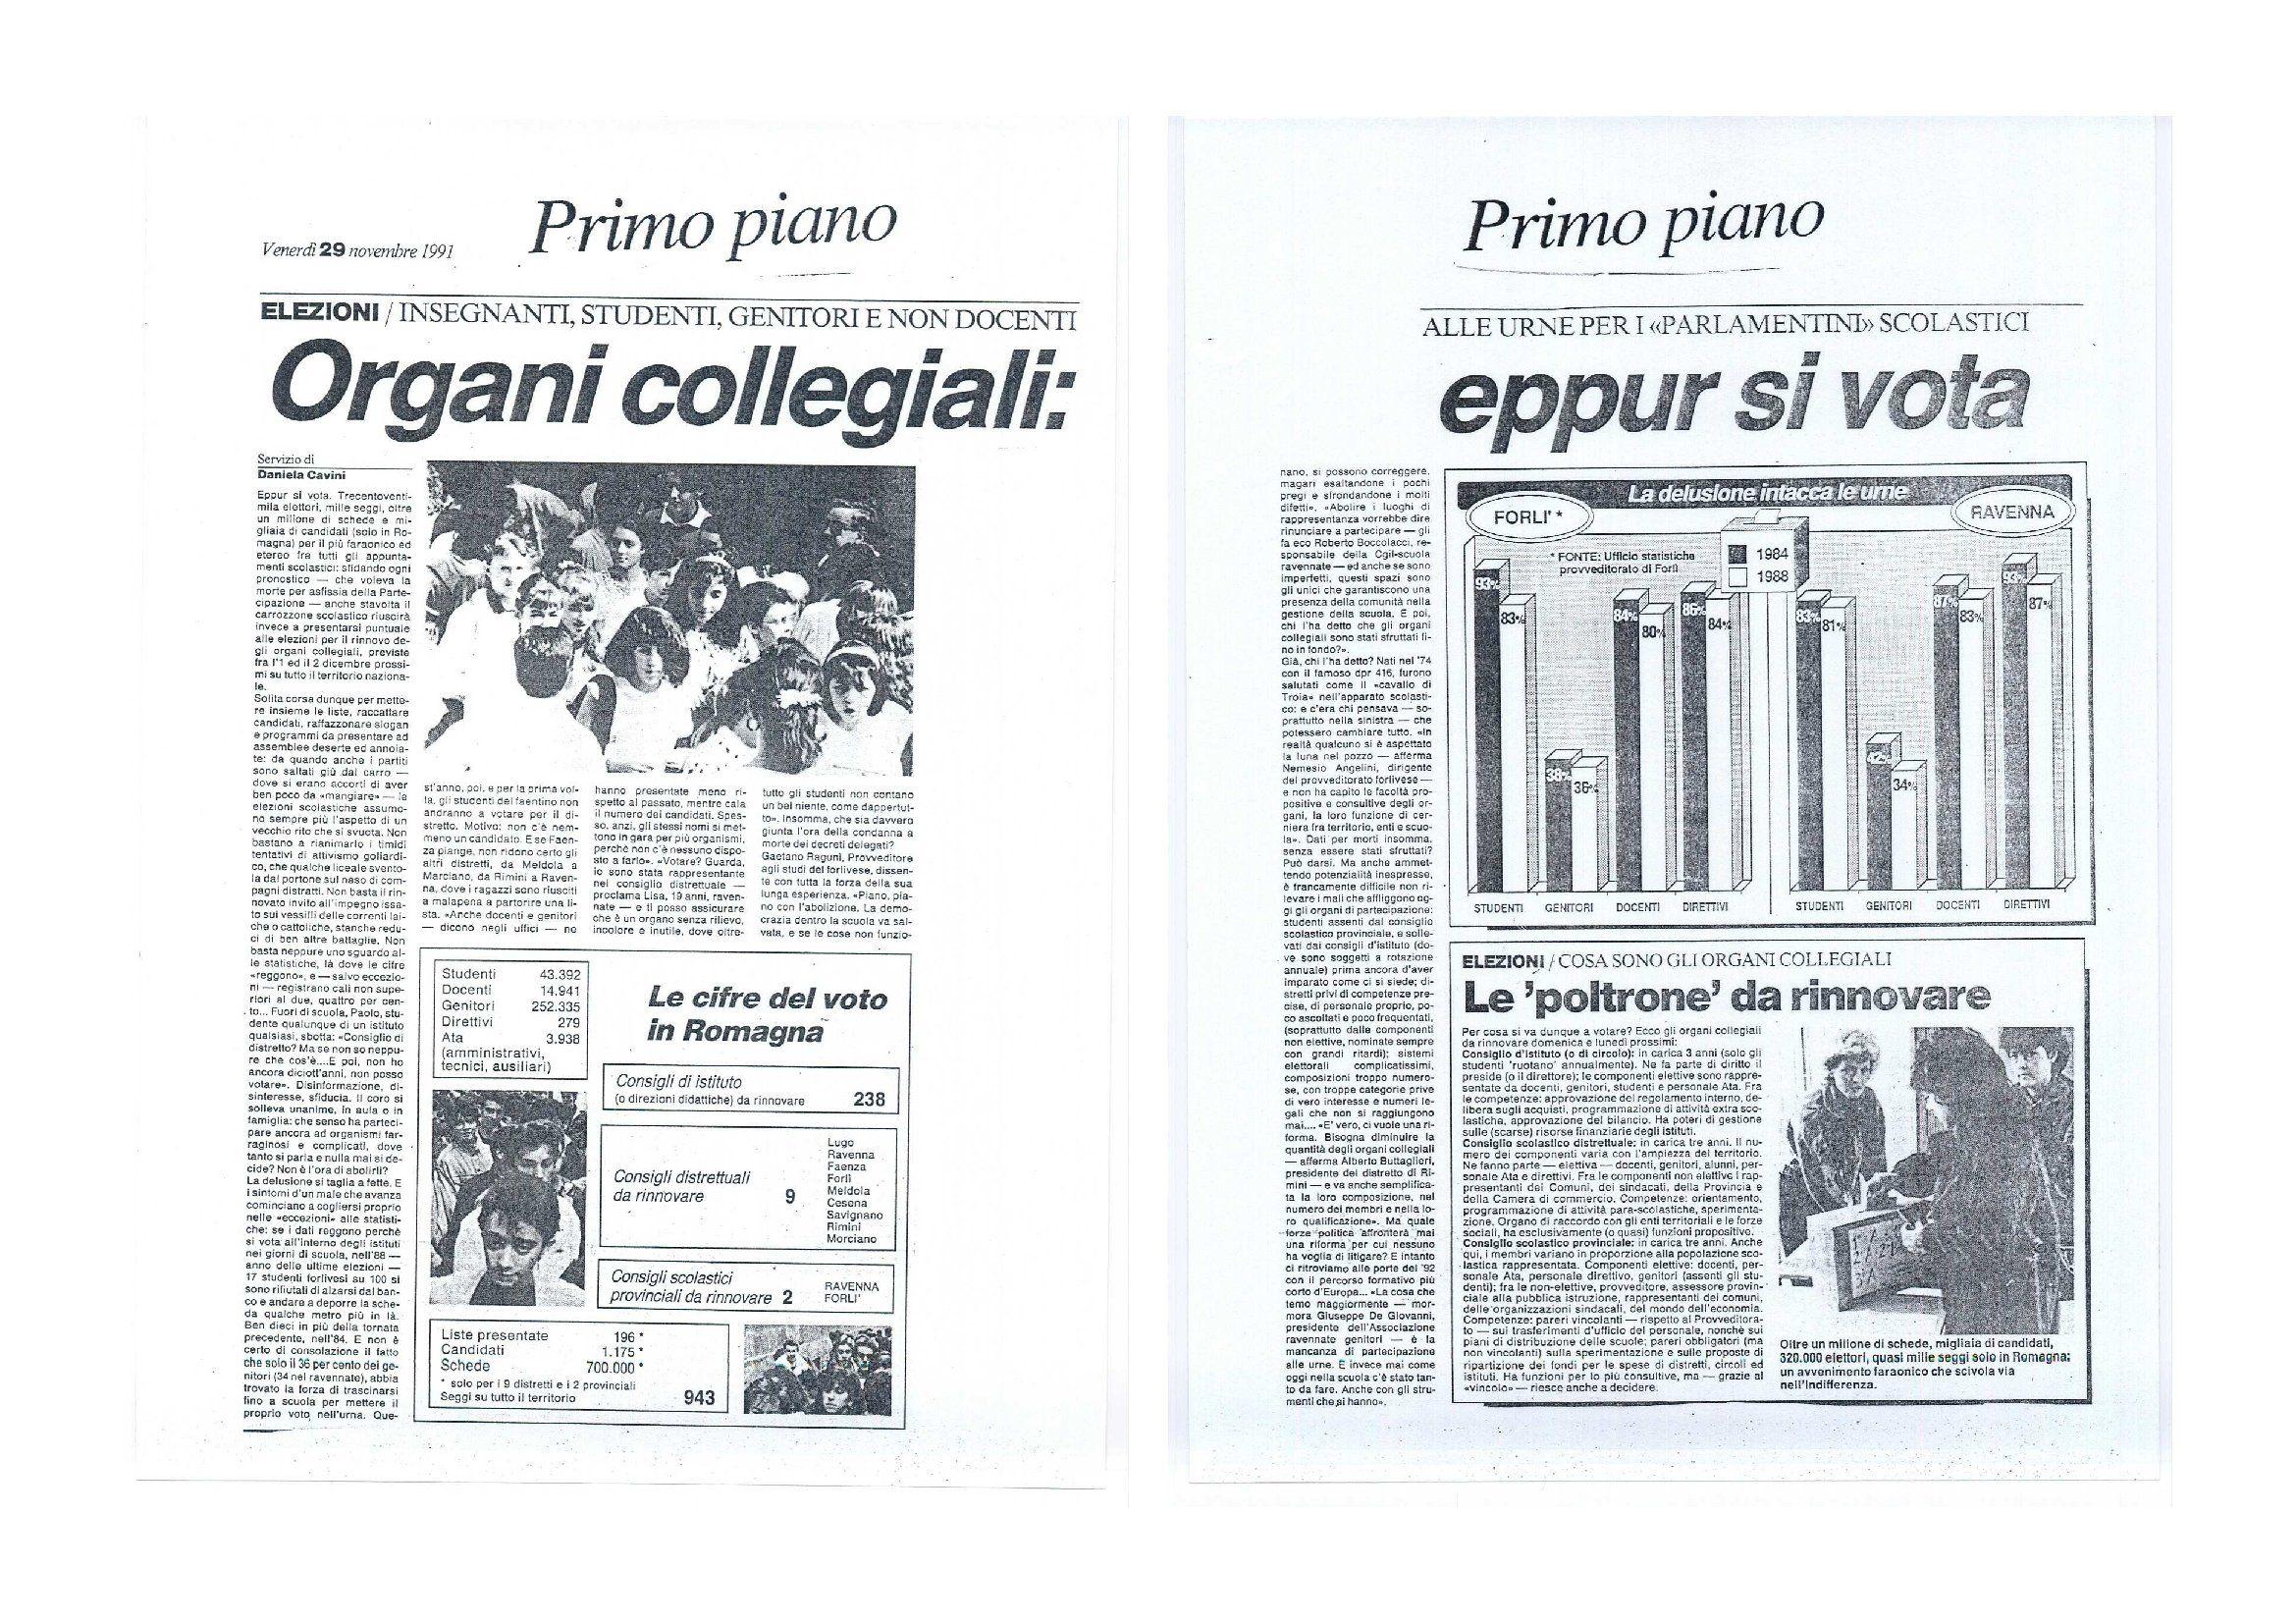 organi collegiali eppure si vota doppio image